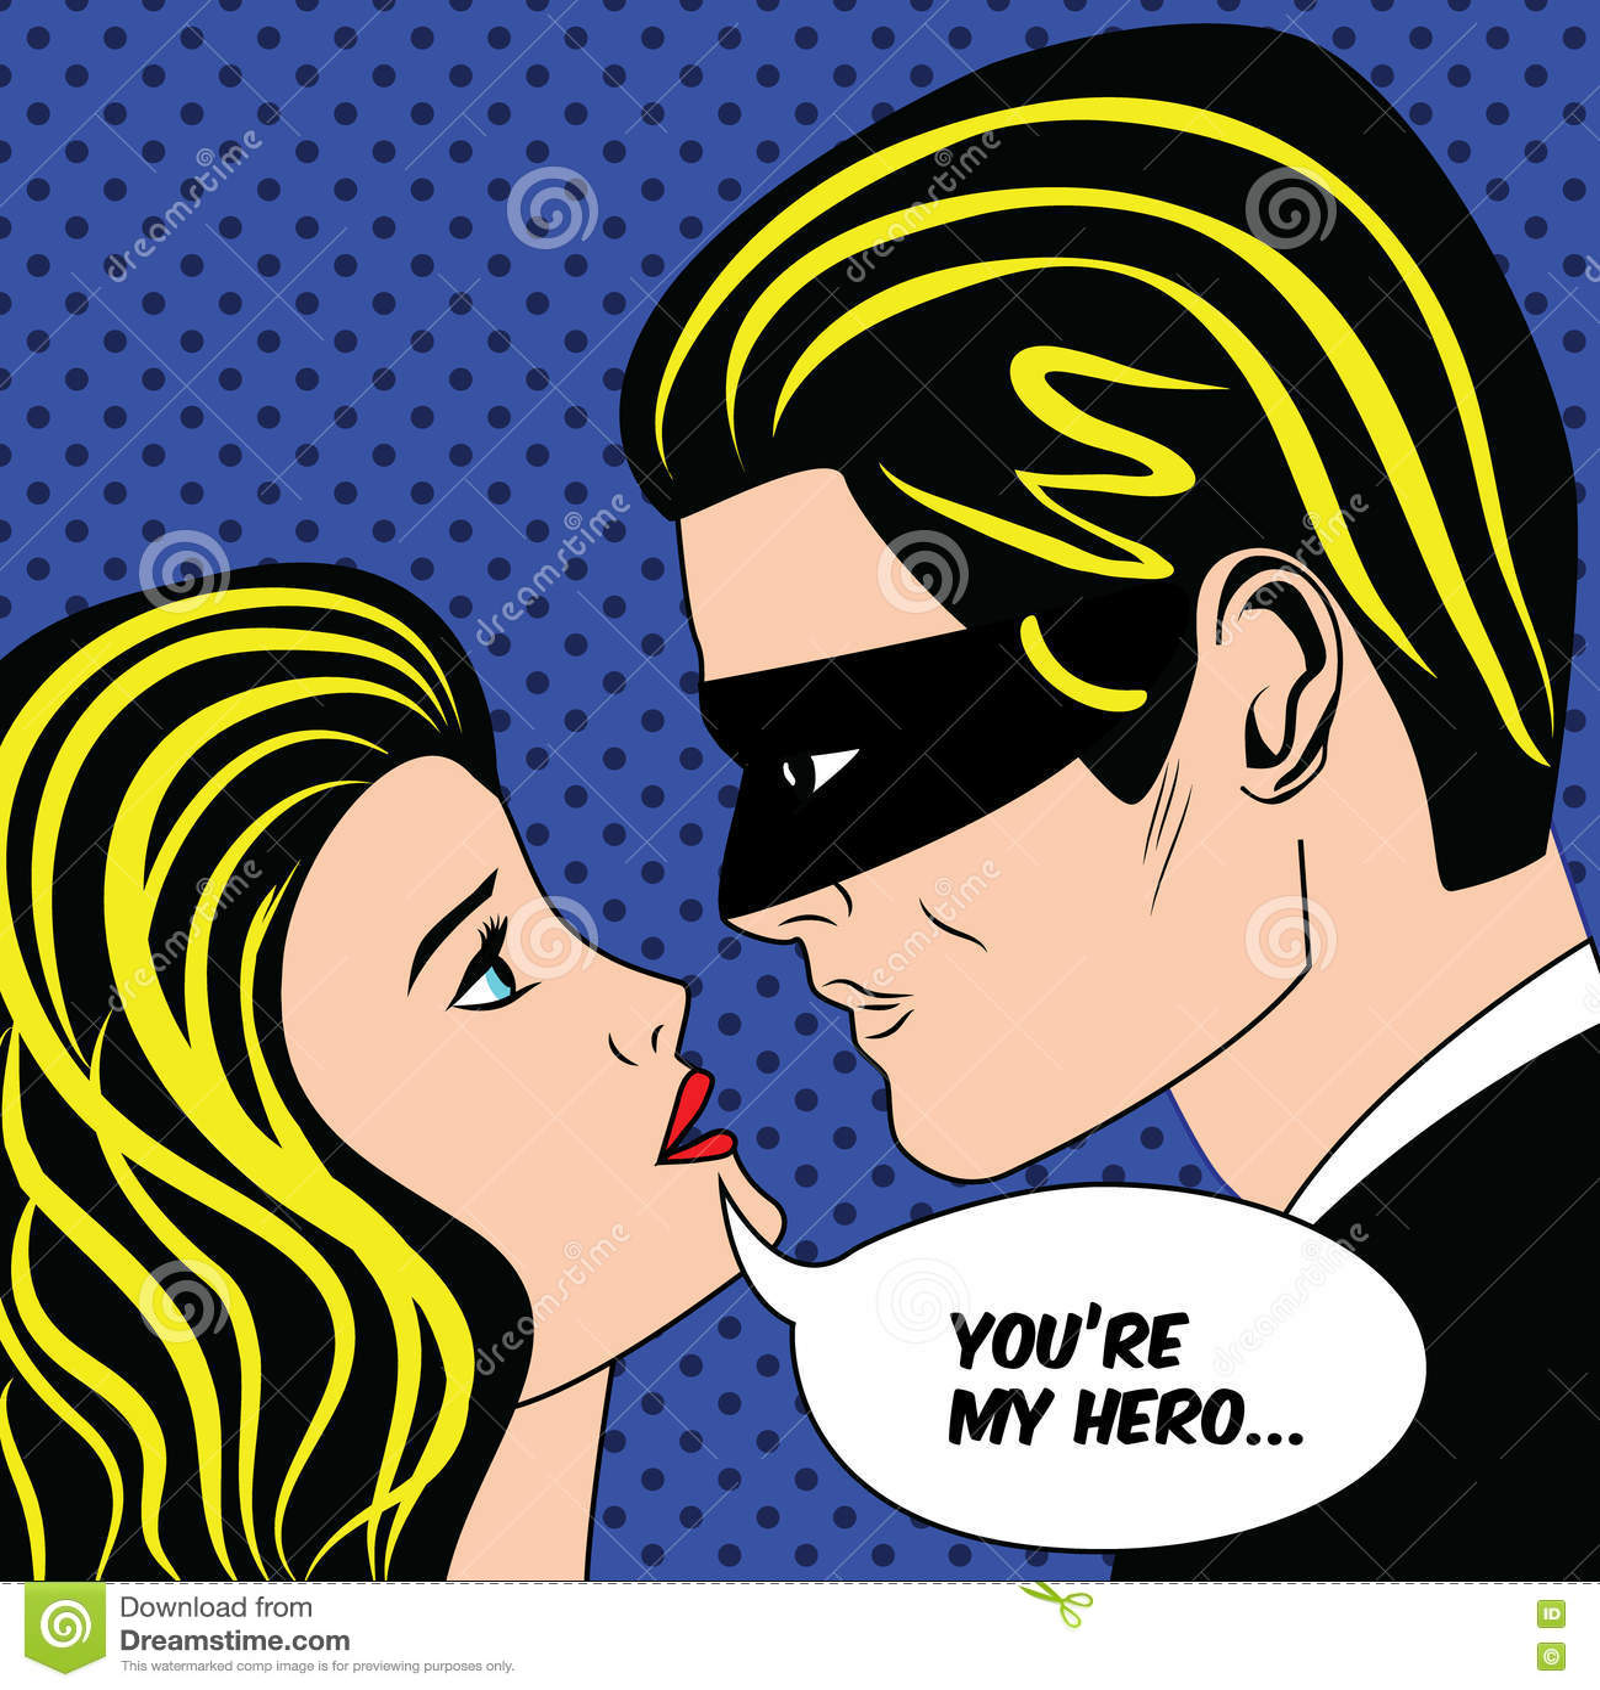 Frühzeitige Datierung, wie oft man sich gegenseitig sieht